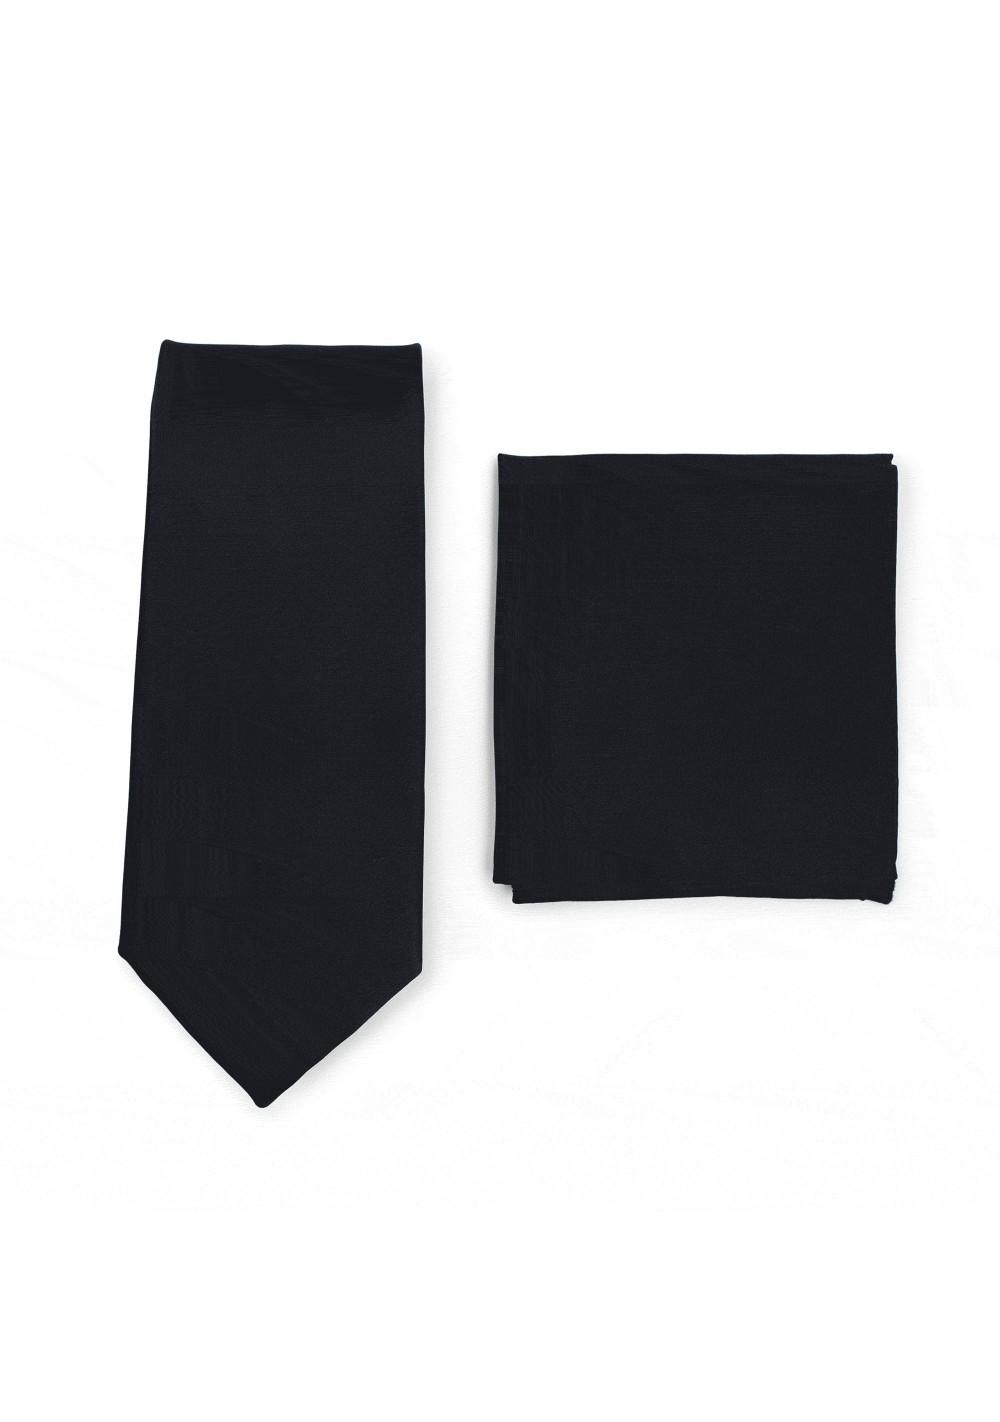 Solid Satin Necktie and Hanky Set in Jet Black